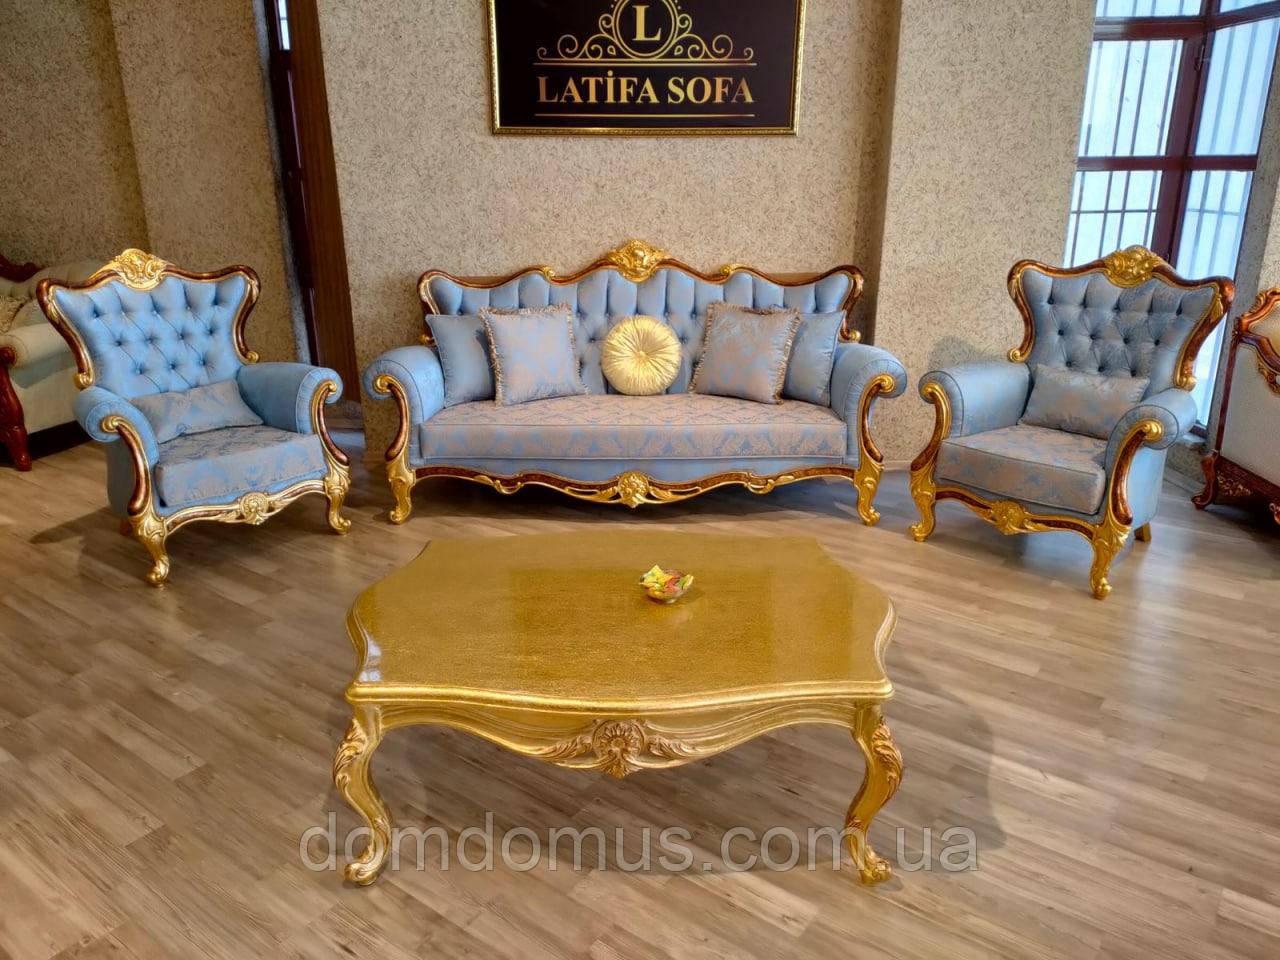 """Комплект мягкой мебели """"Gold"""" (диван + два кресла, Барокко) Latifa Sofa, Турция"""